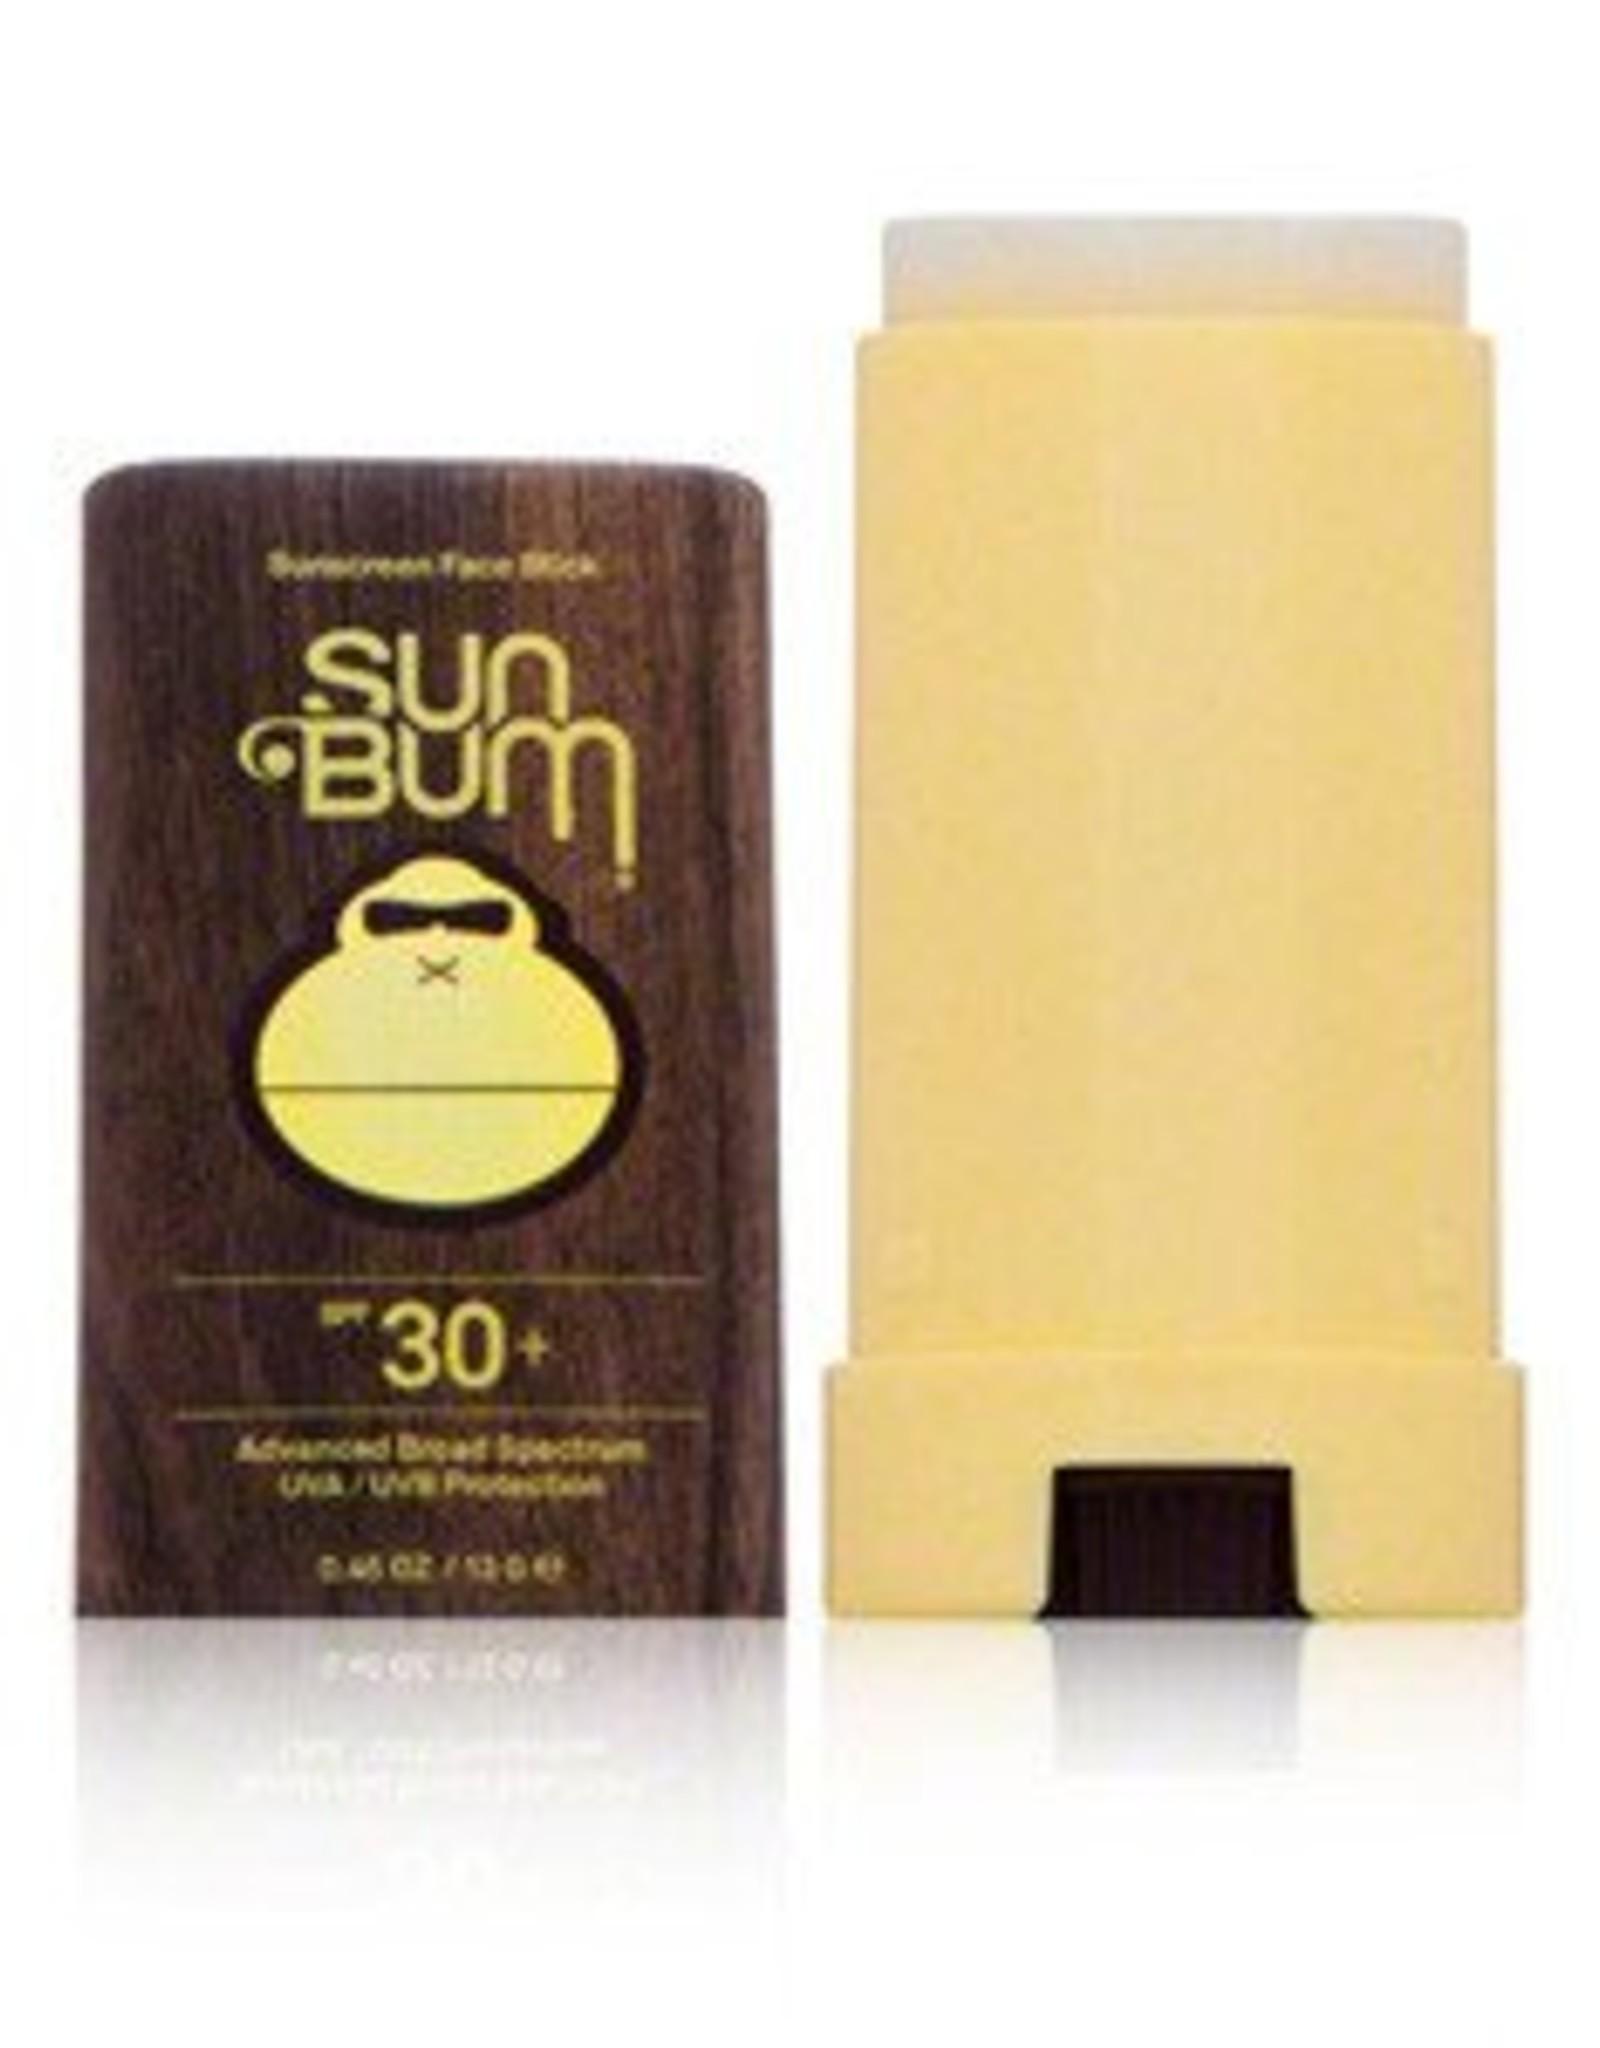 Sun Bum SUN BUM - FACE STICK - SPF 30 - 13g